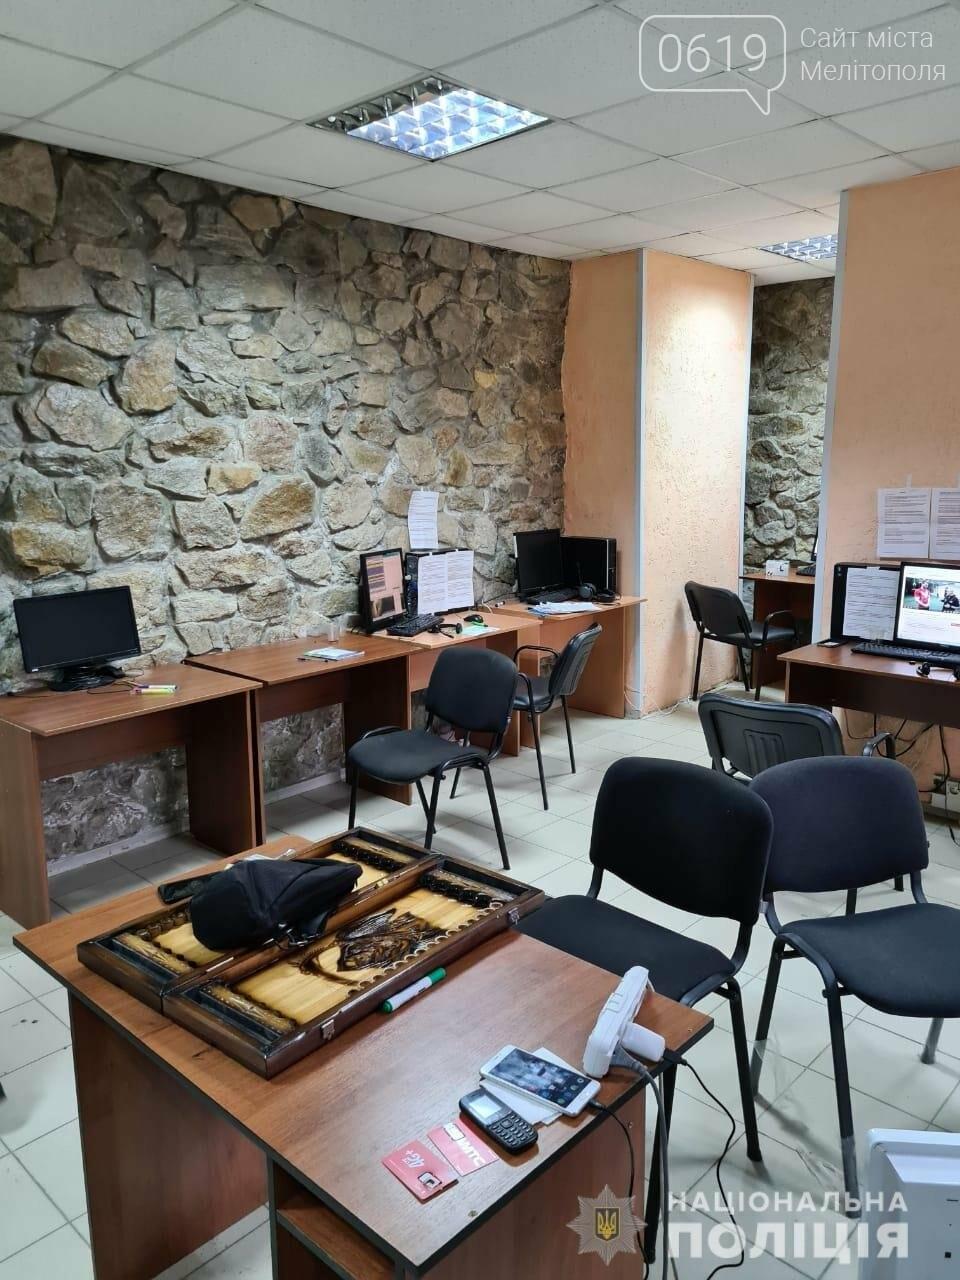 Представлялись работниками банка: в Мелитополе полиция остановила деятельность колл-центра, фото-2